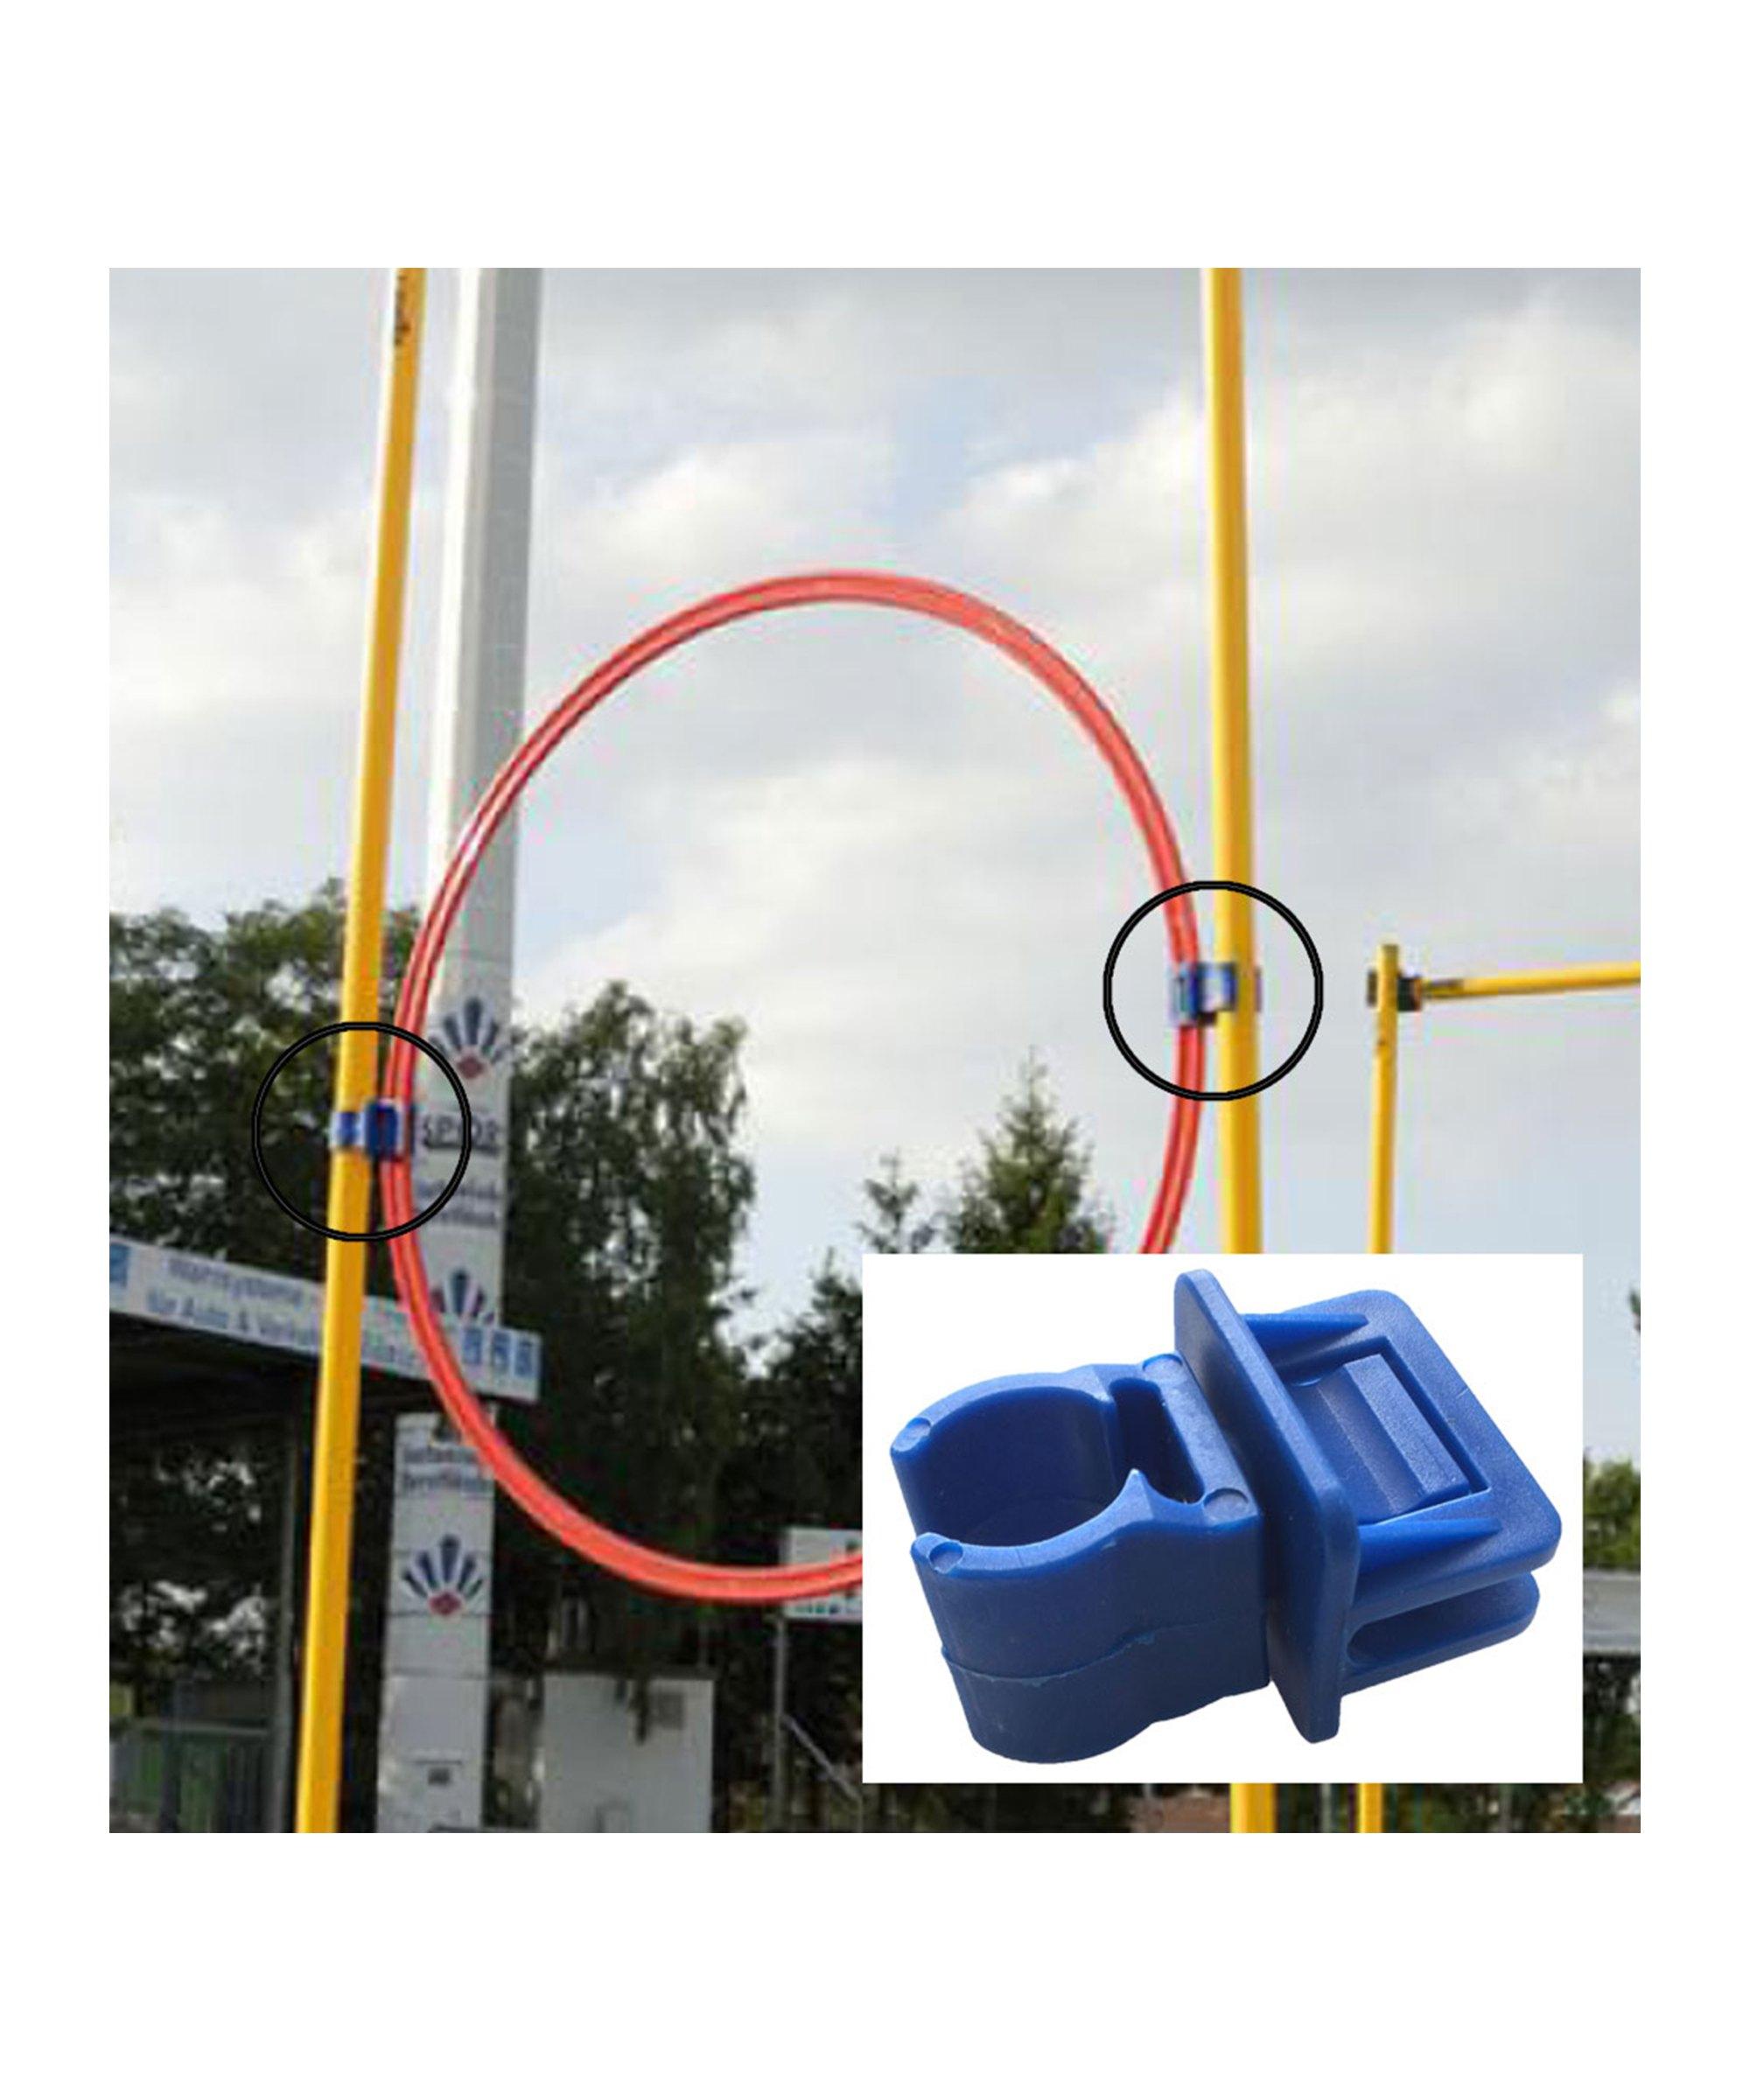 Cawila Halteclip für Ringe Stangen mit d25mm Blau - blau